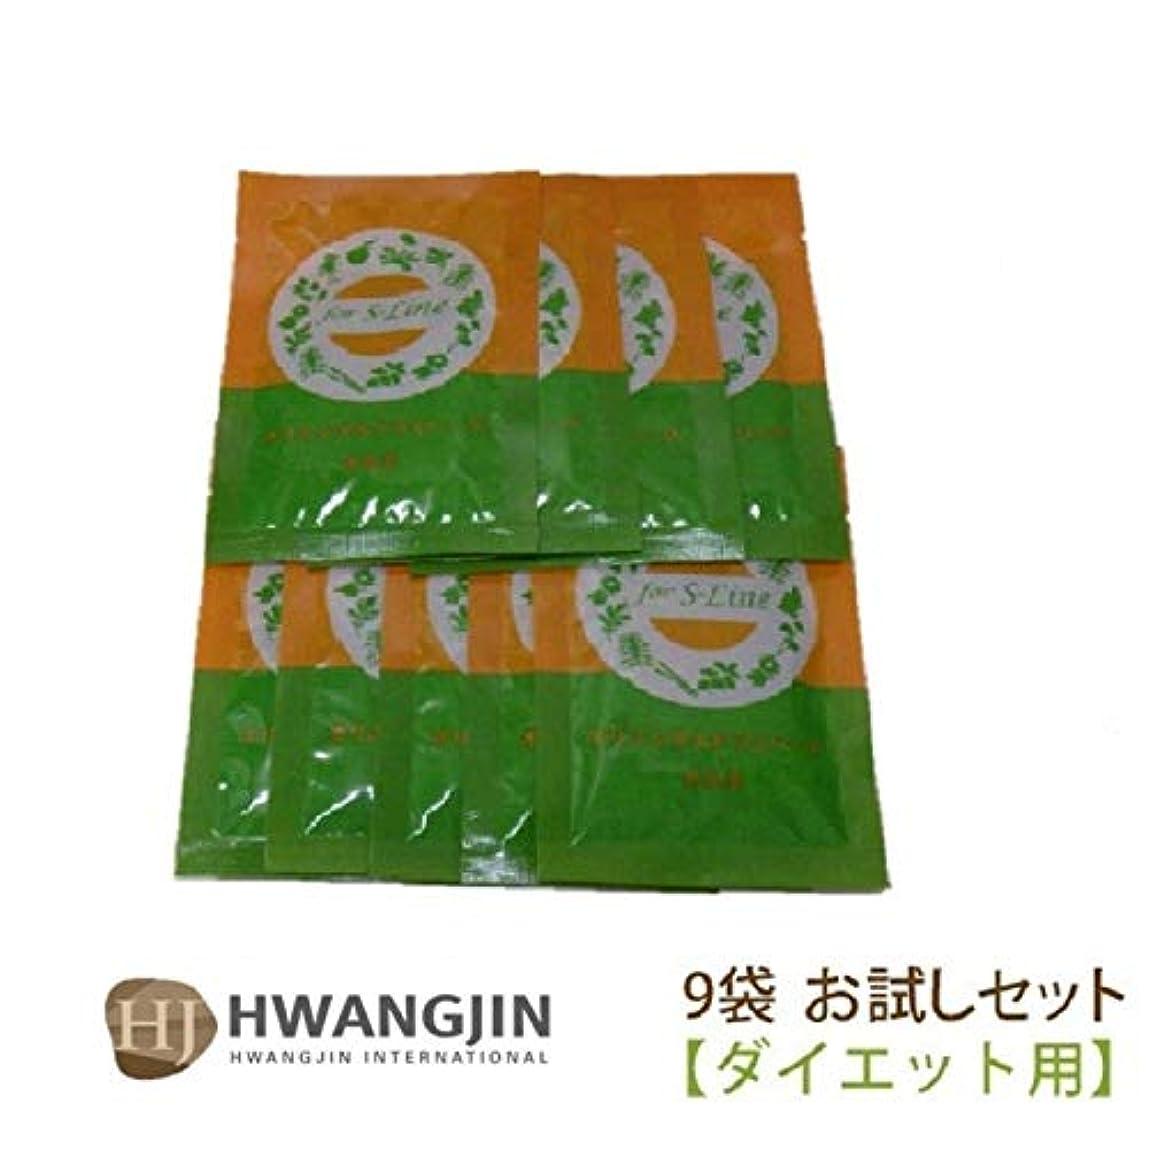 必須かもめ爆発ファンジン黄土 座浴剤 9袋 正規品 (S-Line (ダイエット用) 9袋)